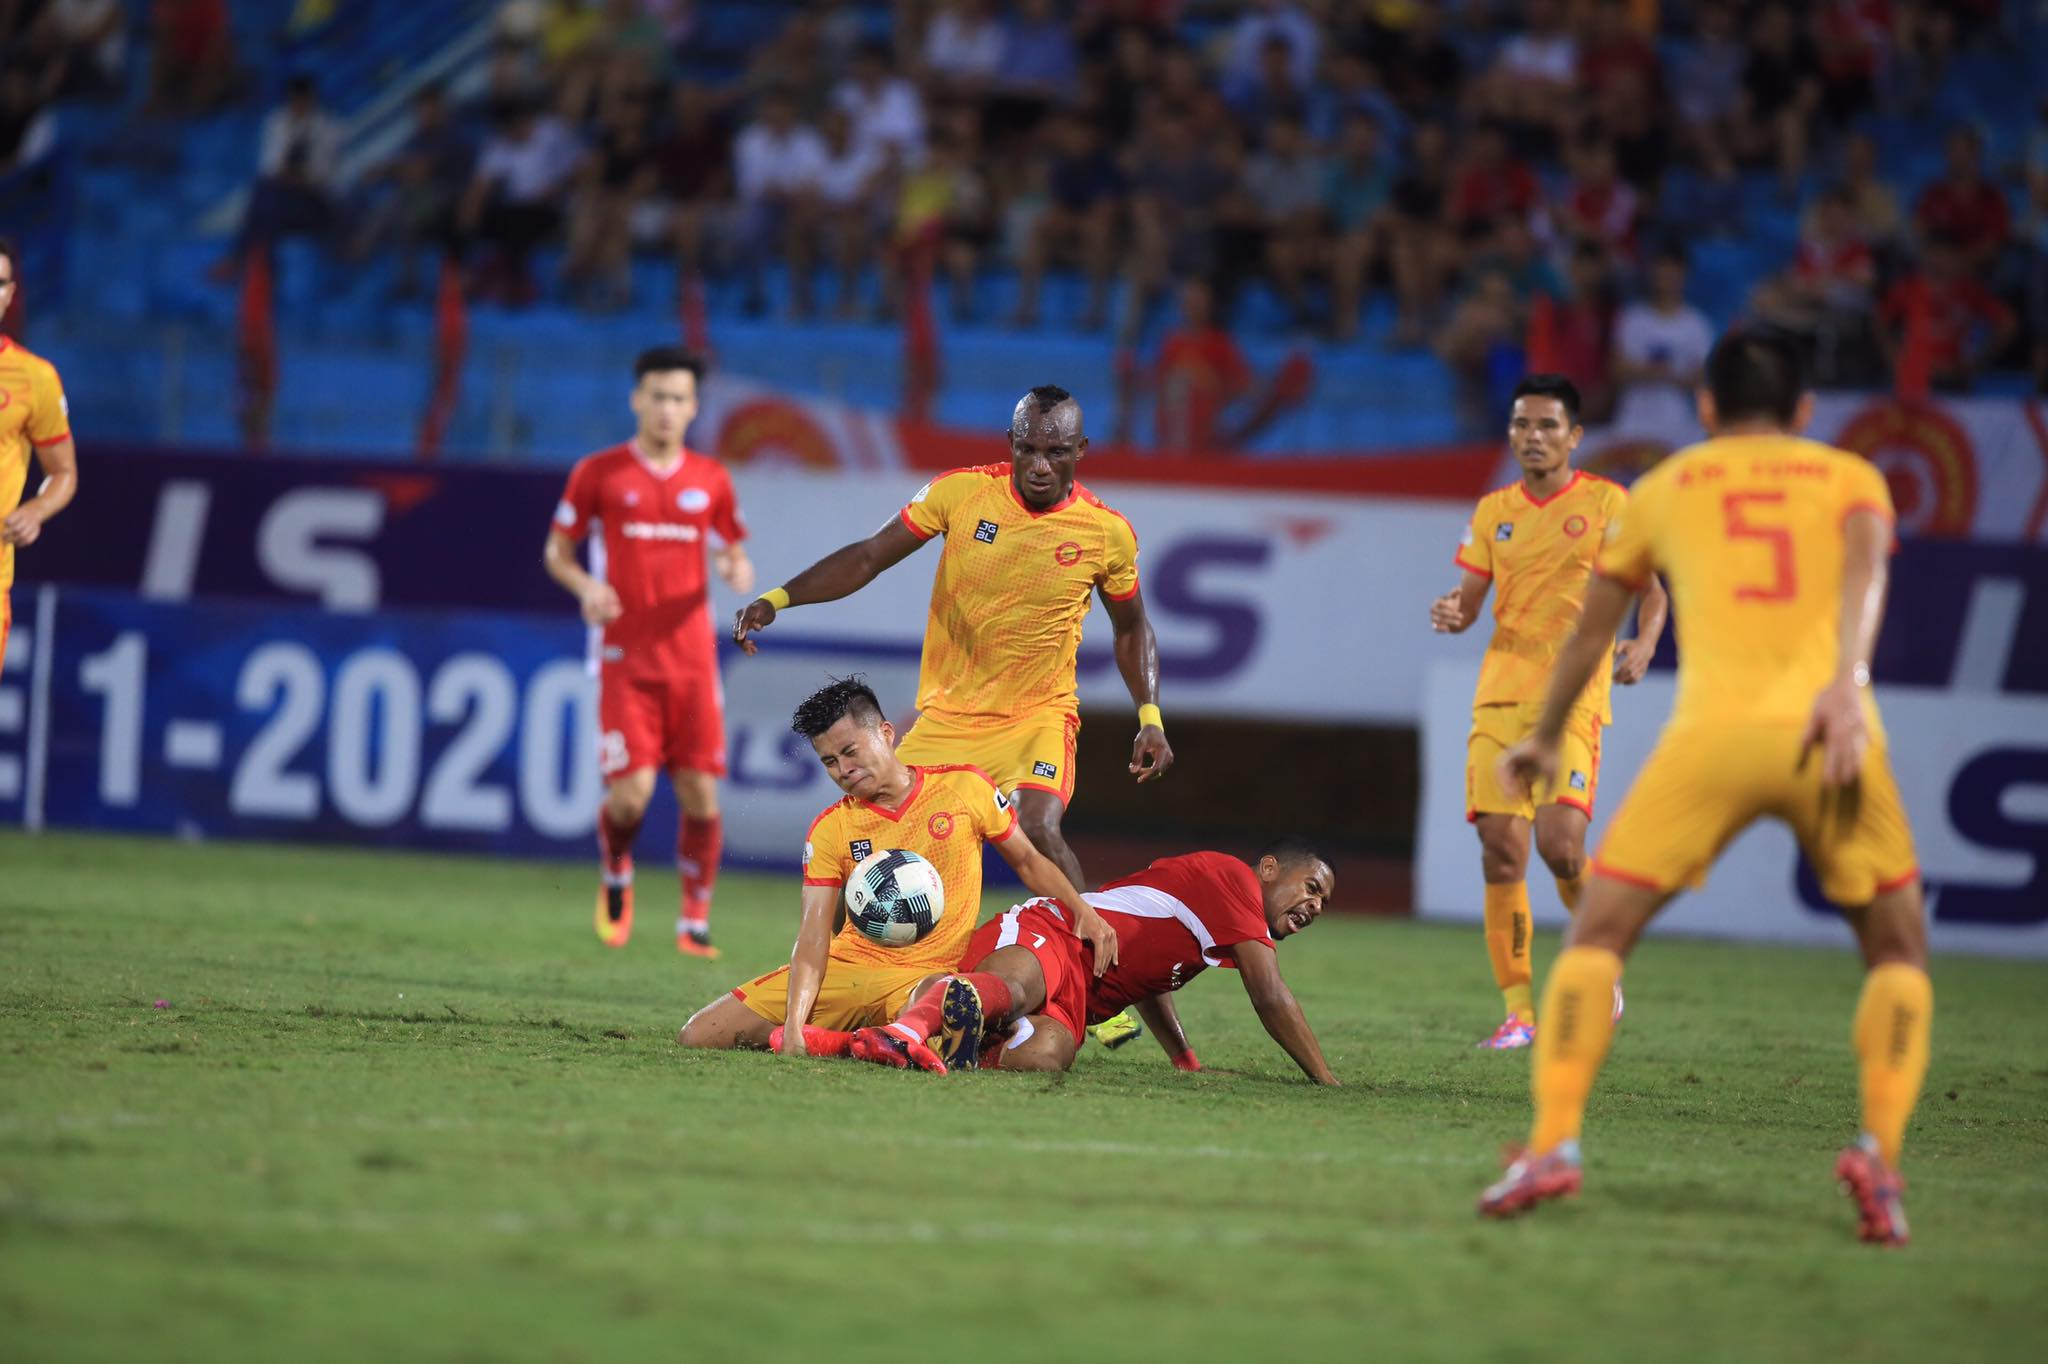 Thanh Hoá đang hừng hực quyết tâm chiến thắng khi tiếp Than.QN trên sân nhà ở vòng 7 - Ảnh: Minh Tuấn